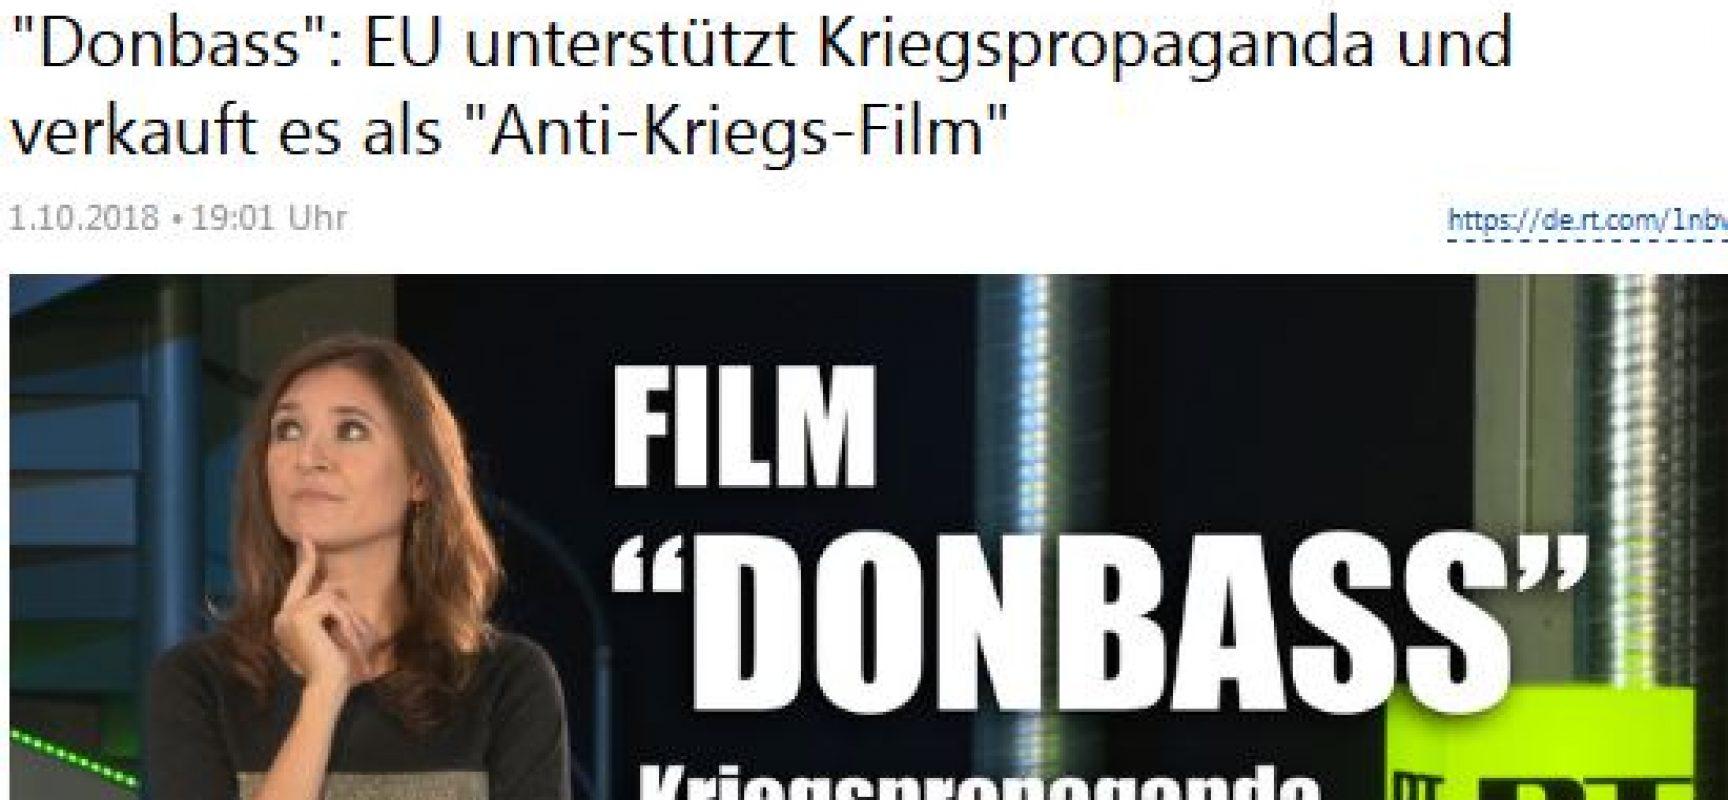 """Manipulativ: RT Deutsch: EU unterstützt Kriegspropaganda und verkauft es als """"Anti-Kriegs-Film"""""""